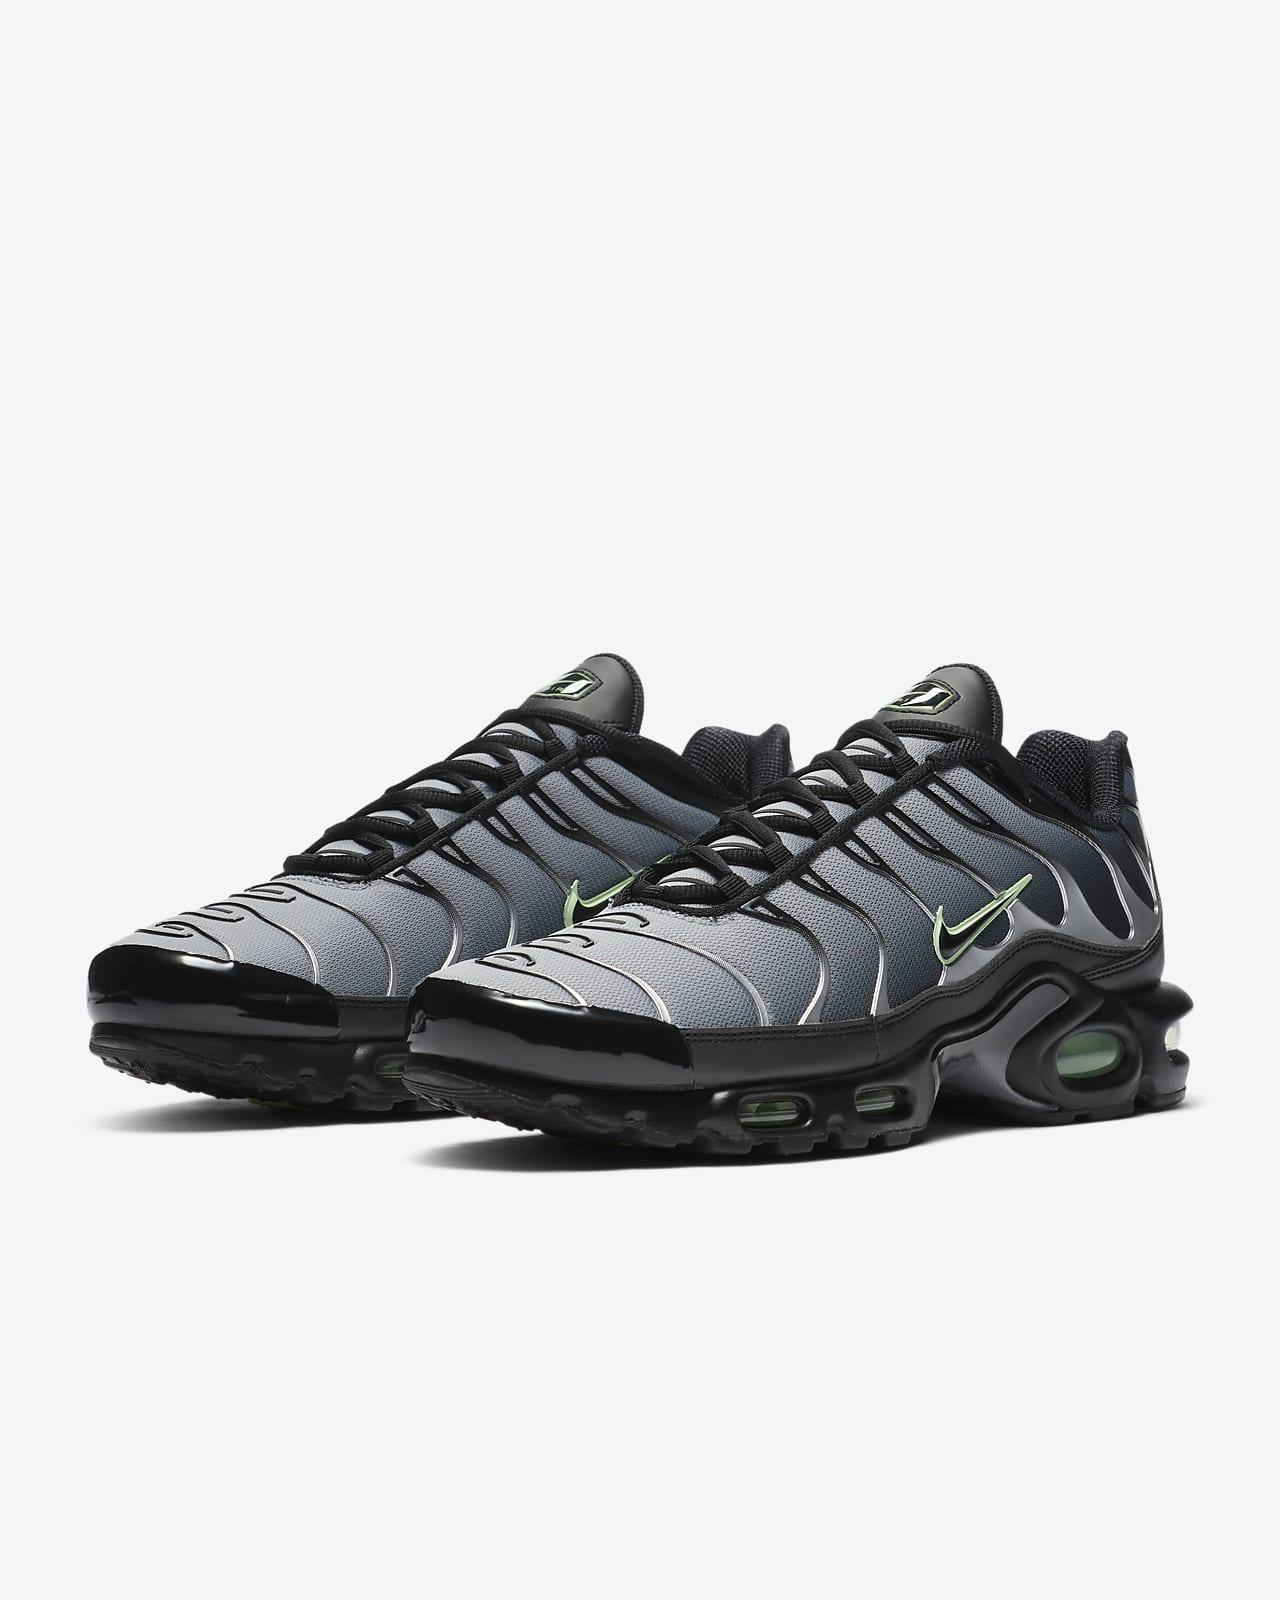 air max plus black and grey